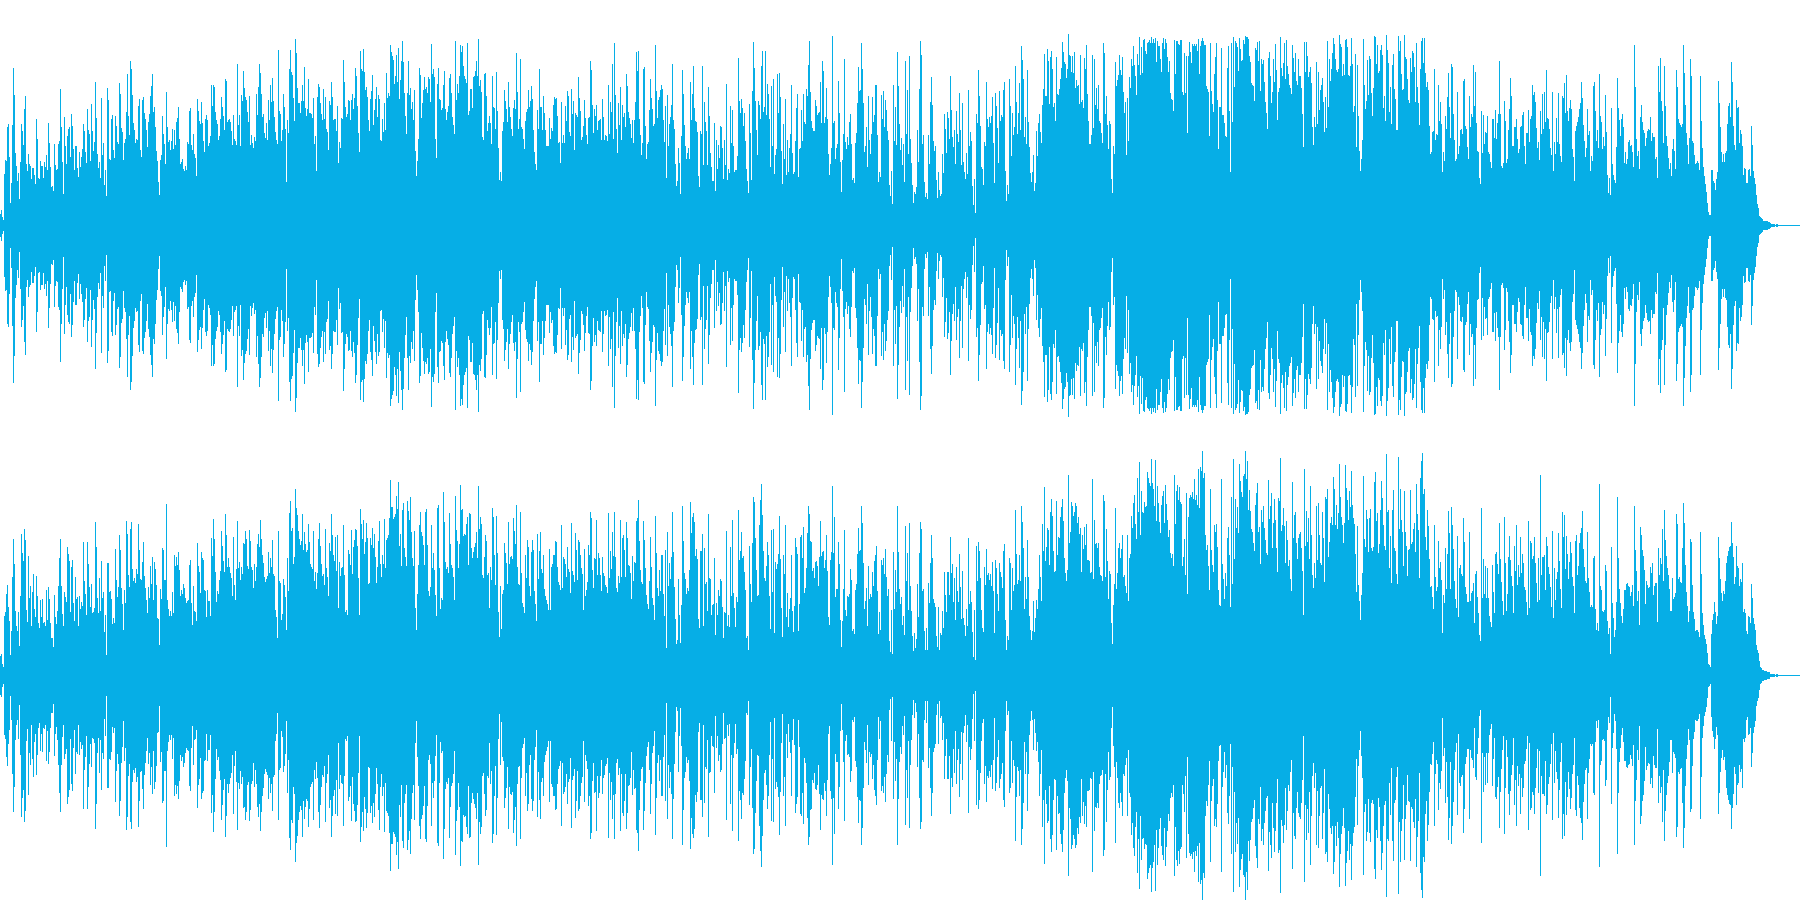 生演奏高音質の切なく美しいバラードの再生済みの波形